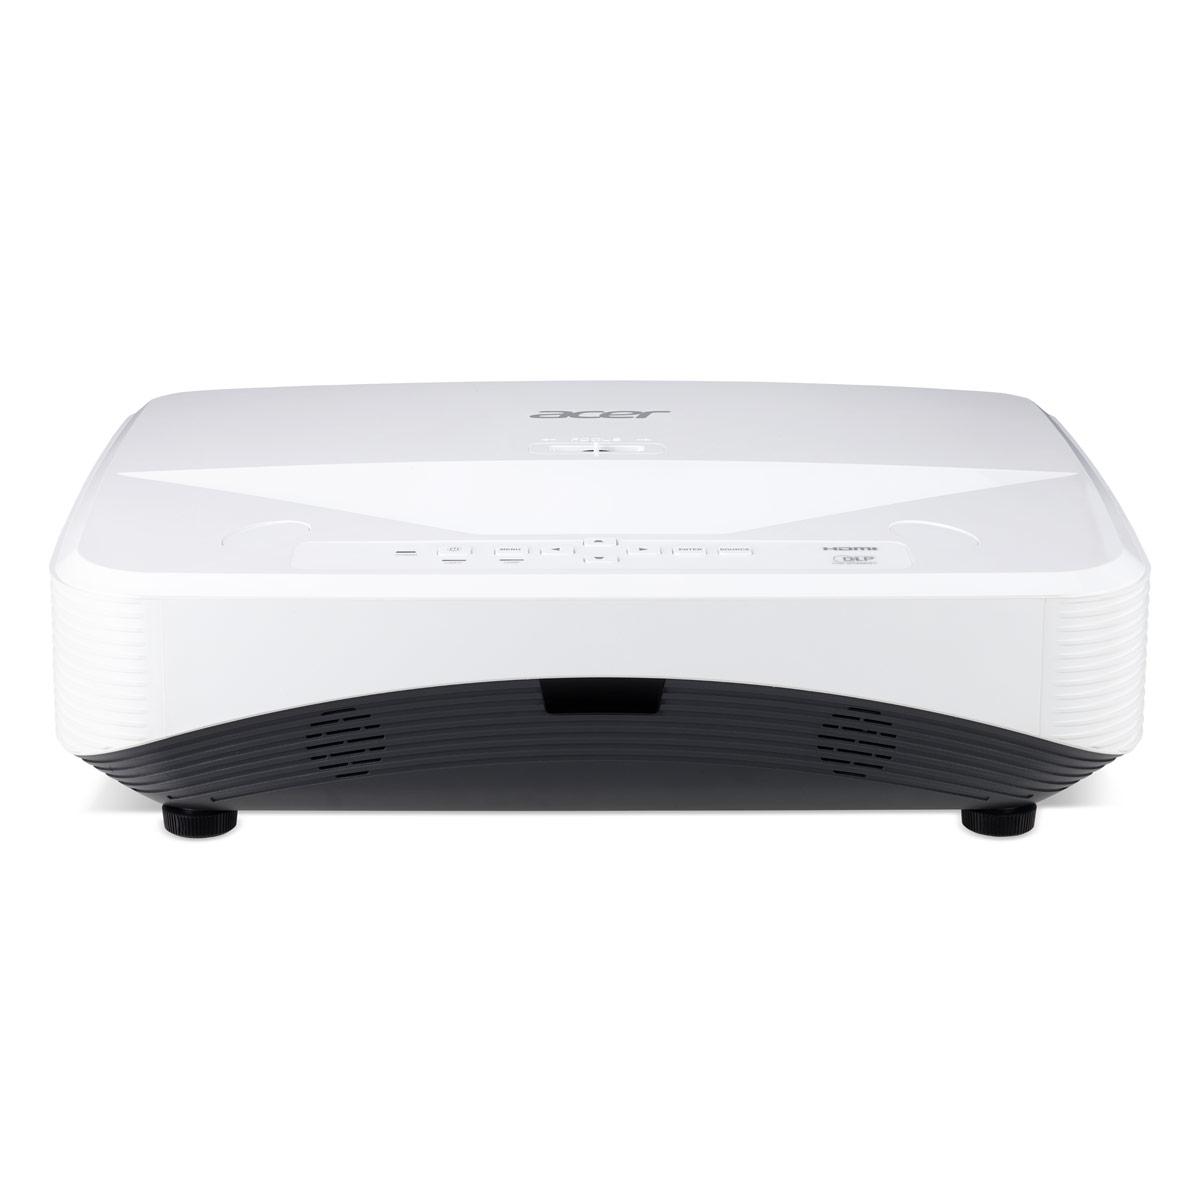 Vidéoprojecteur Acer UL5310W Vidéoprojecteur laser DLP WXGA 3D Ready - 3600 Lumens - Focale Ultra-Courte - HDMI/VGA/USB/Ethernet - Haut-parleur intégré